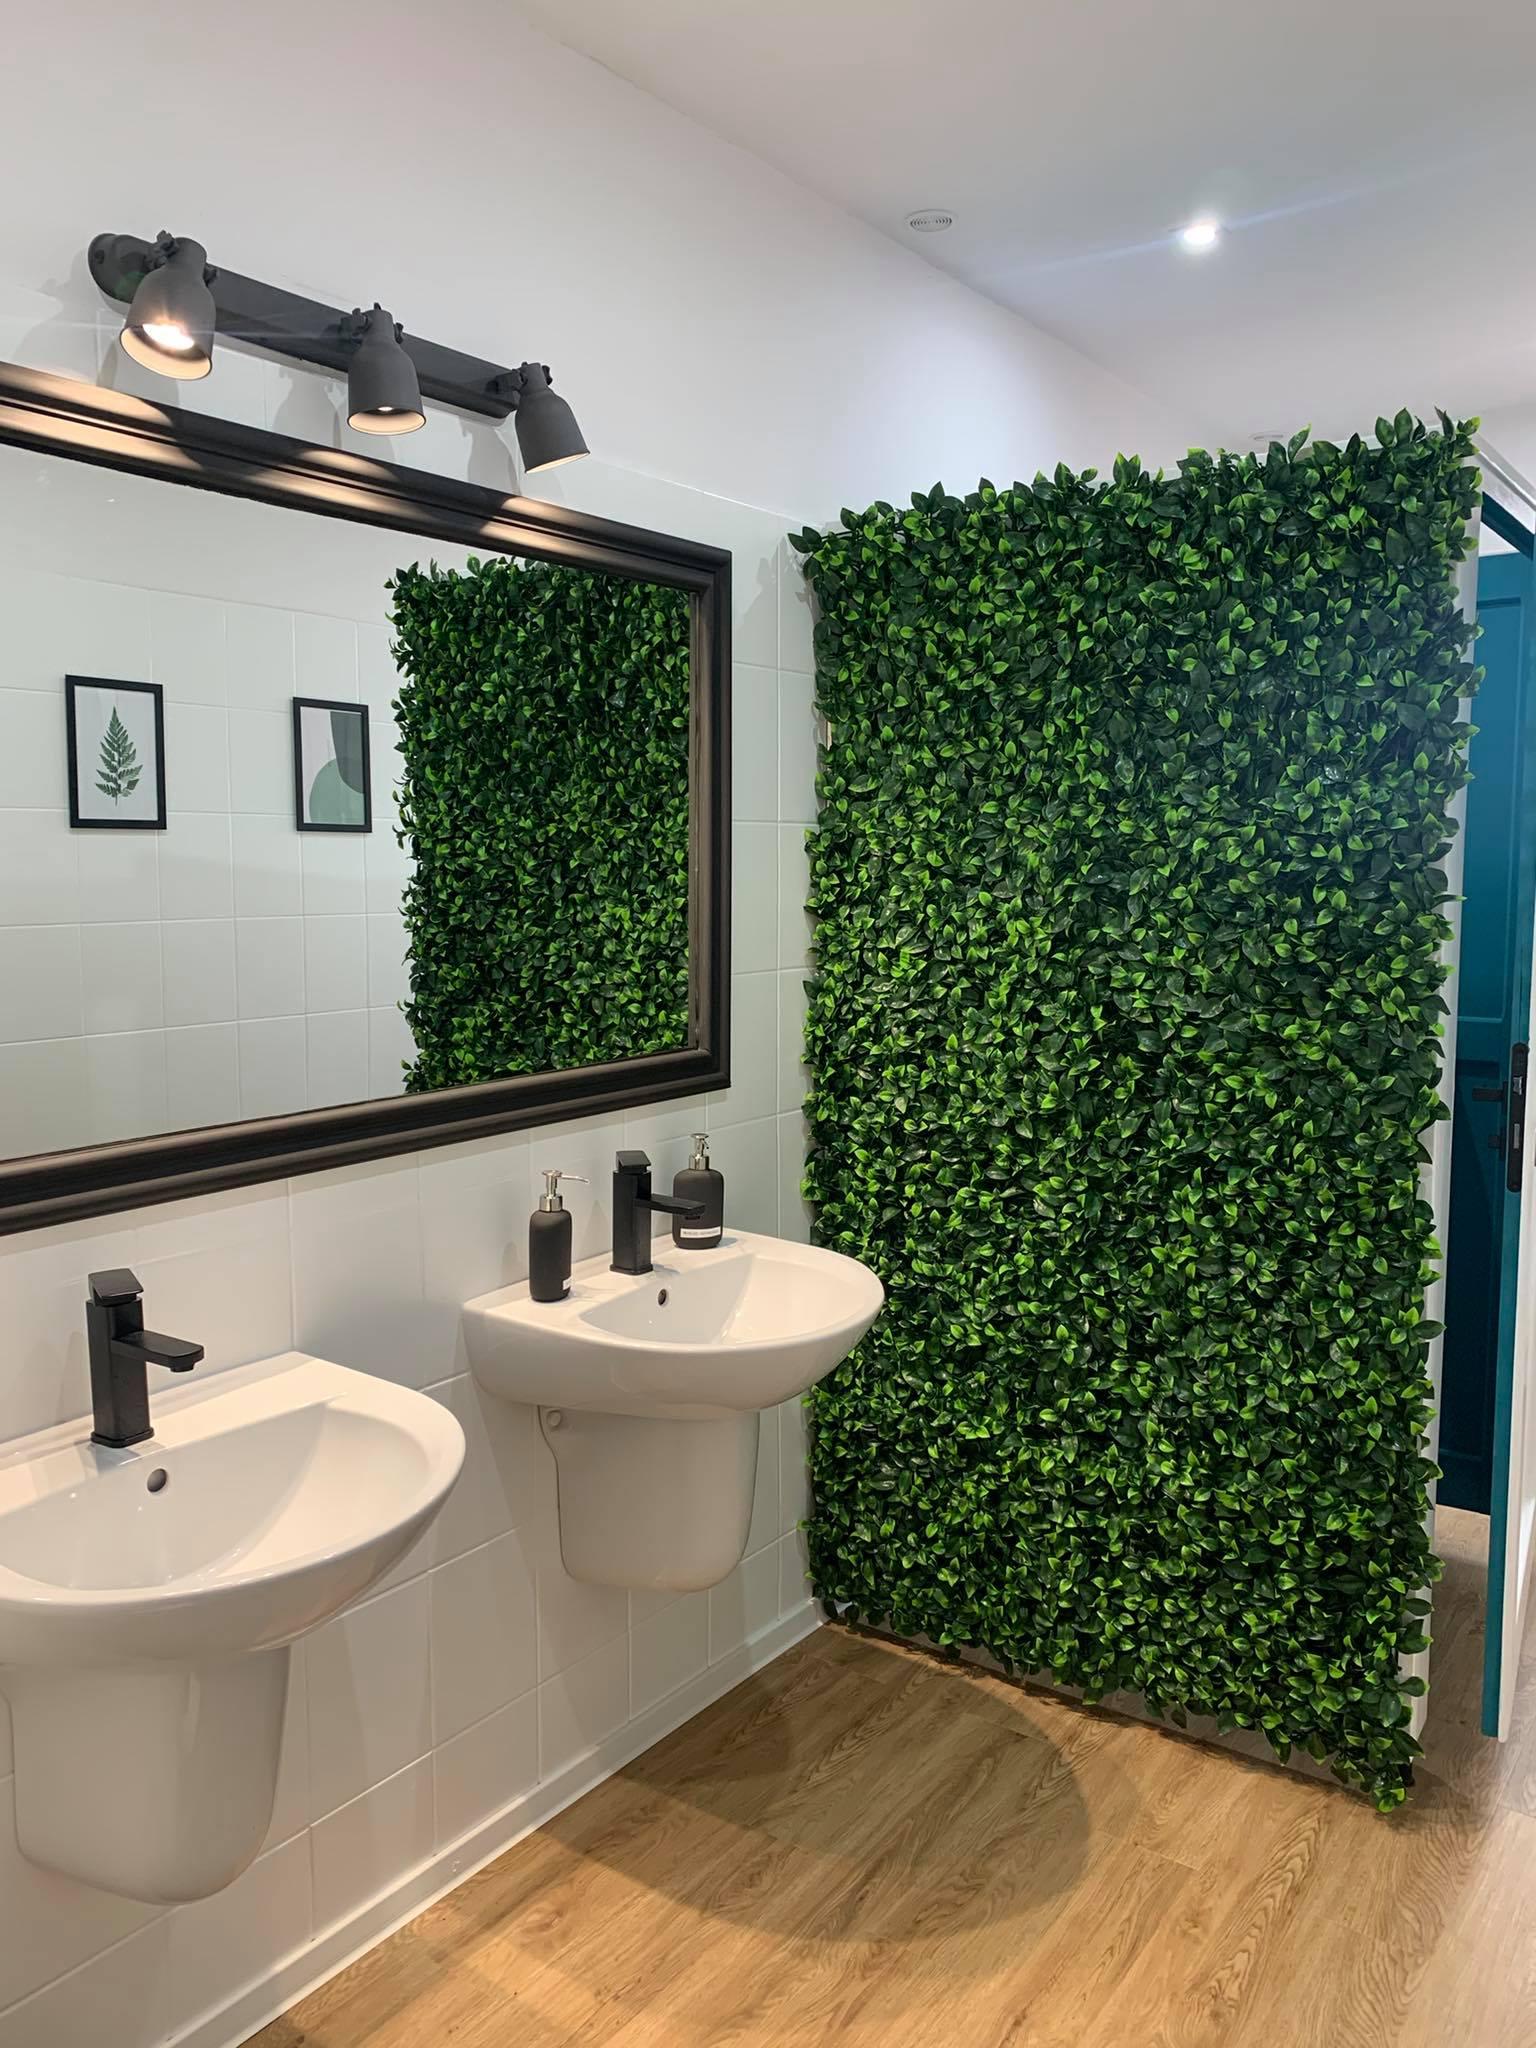 obrazek przedstawia wnętrze męskiej toalety